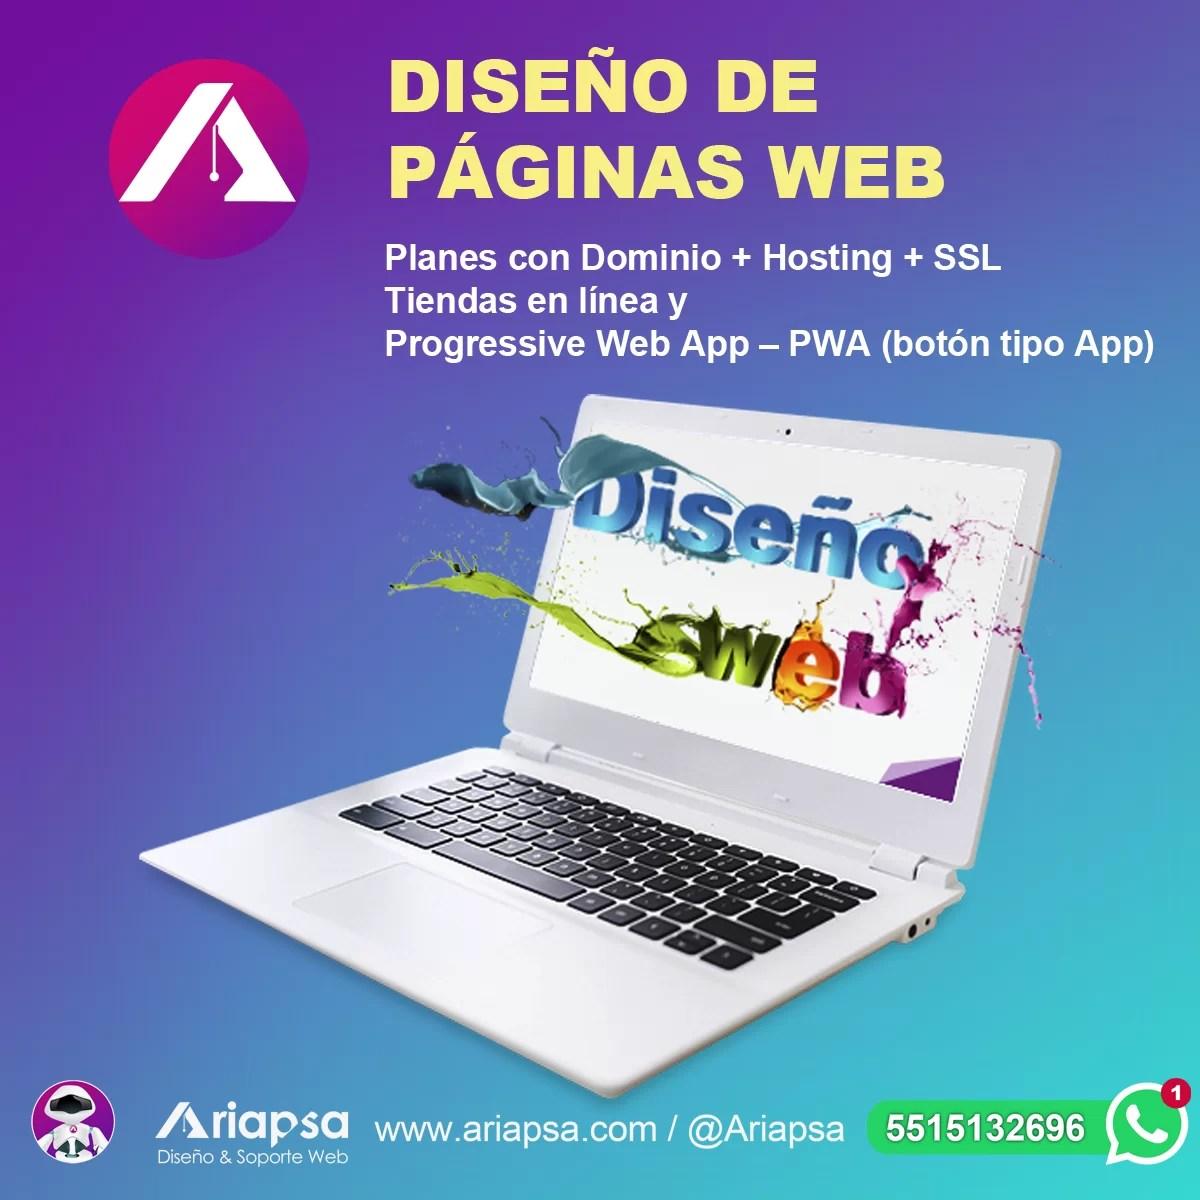 Diseño web México Ariapsa 2A